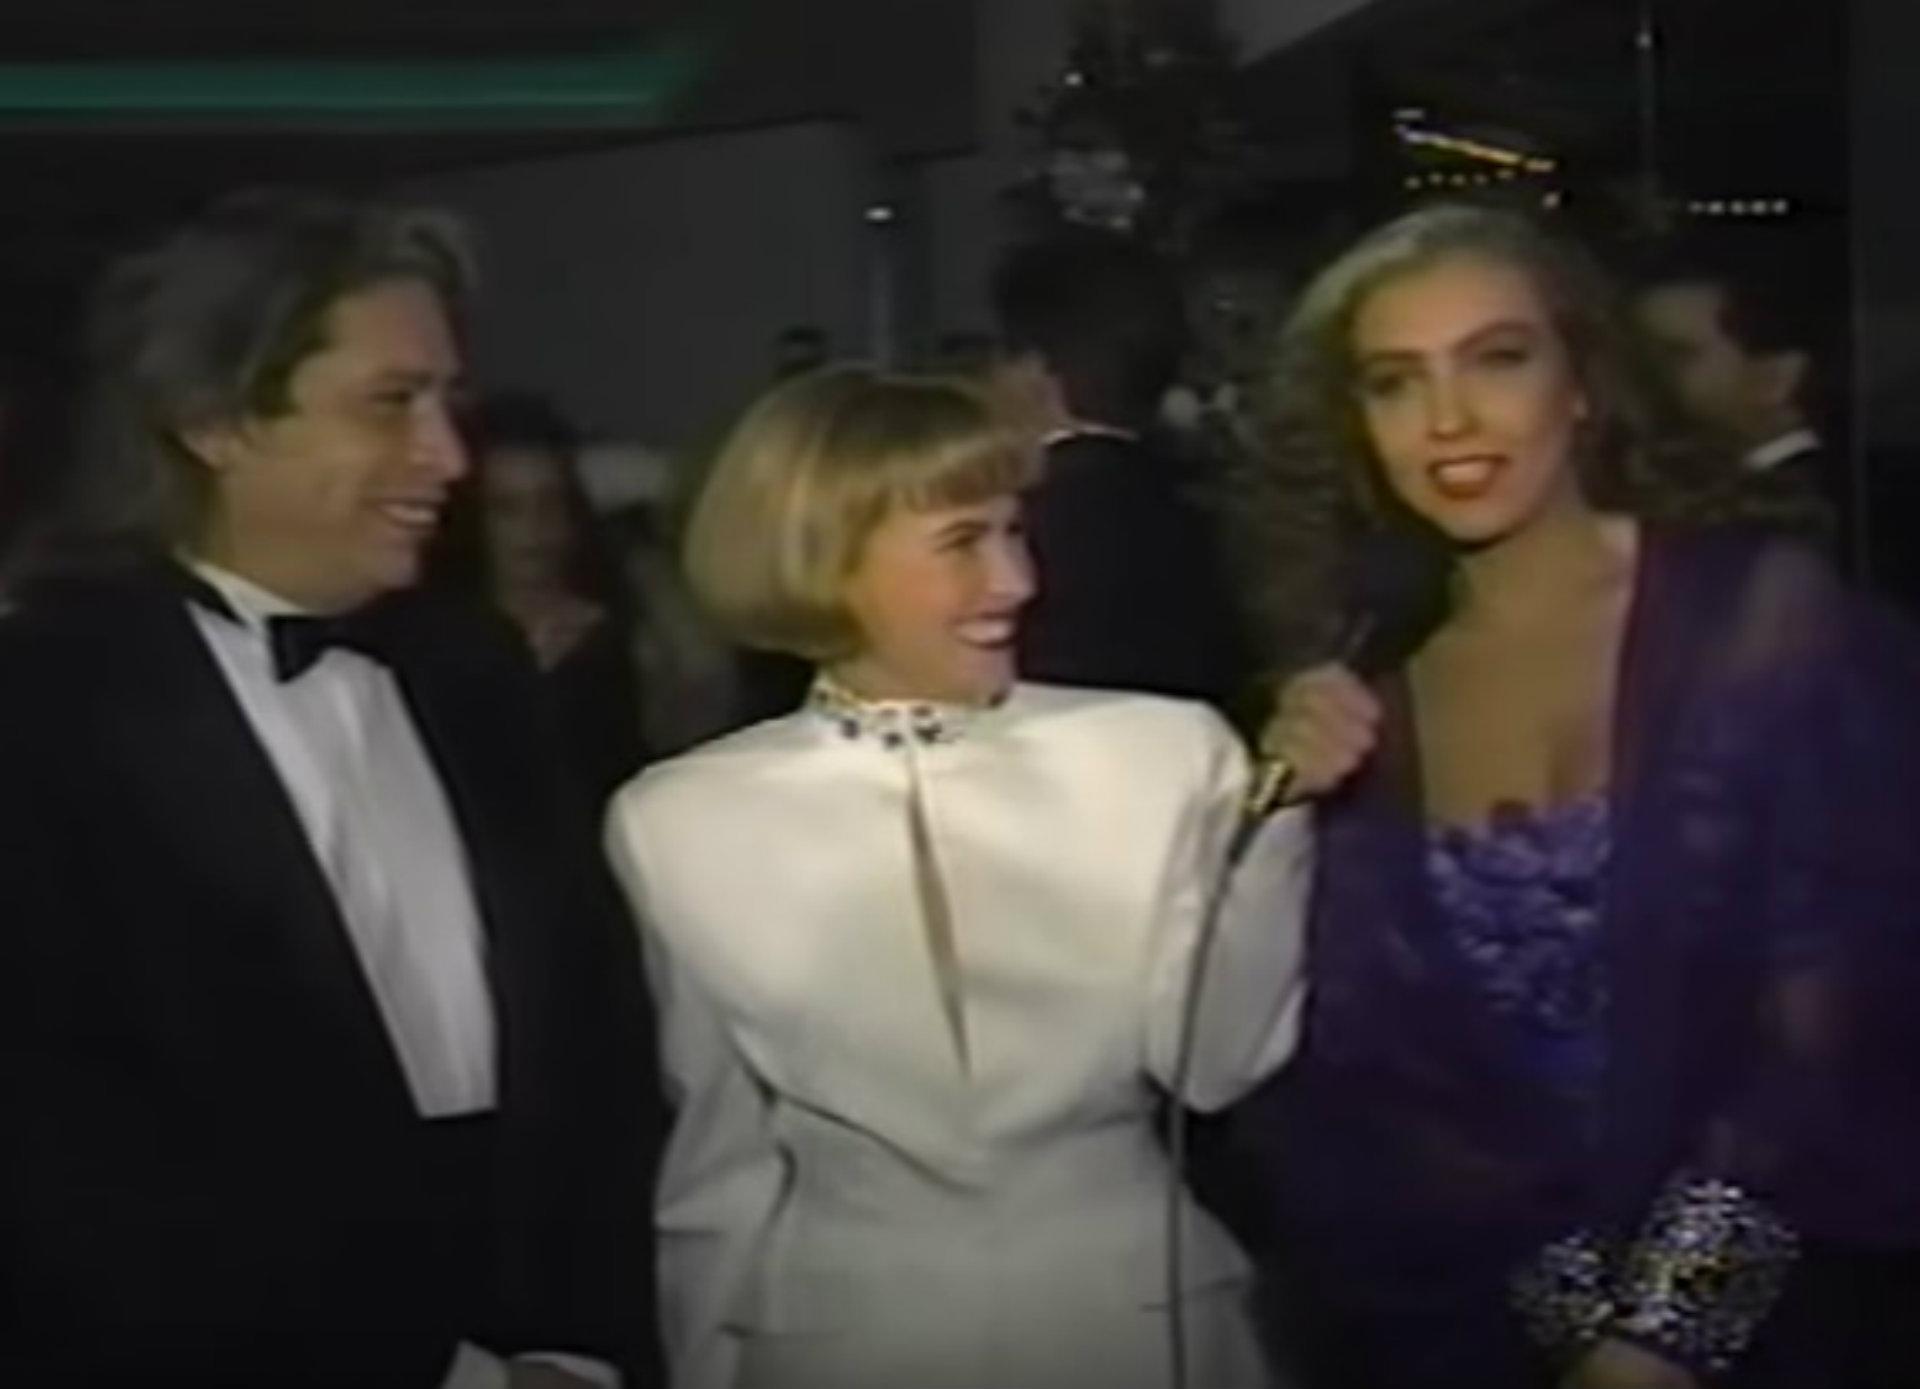 En 1991, Thalía se dejó ver así en una entrevista junto a Díaz Ordaz (Captura YouTube)